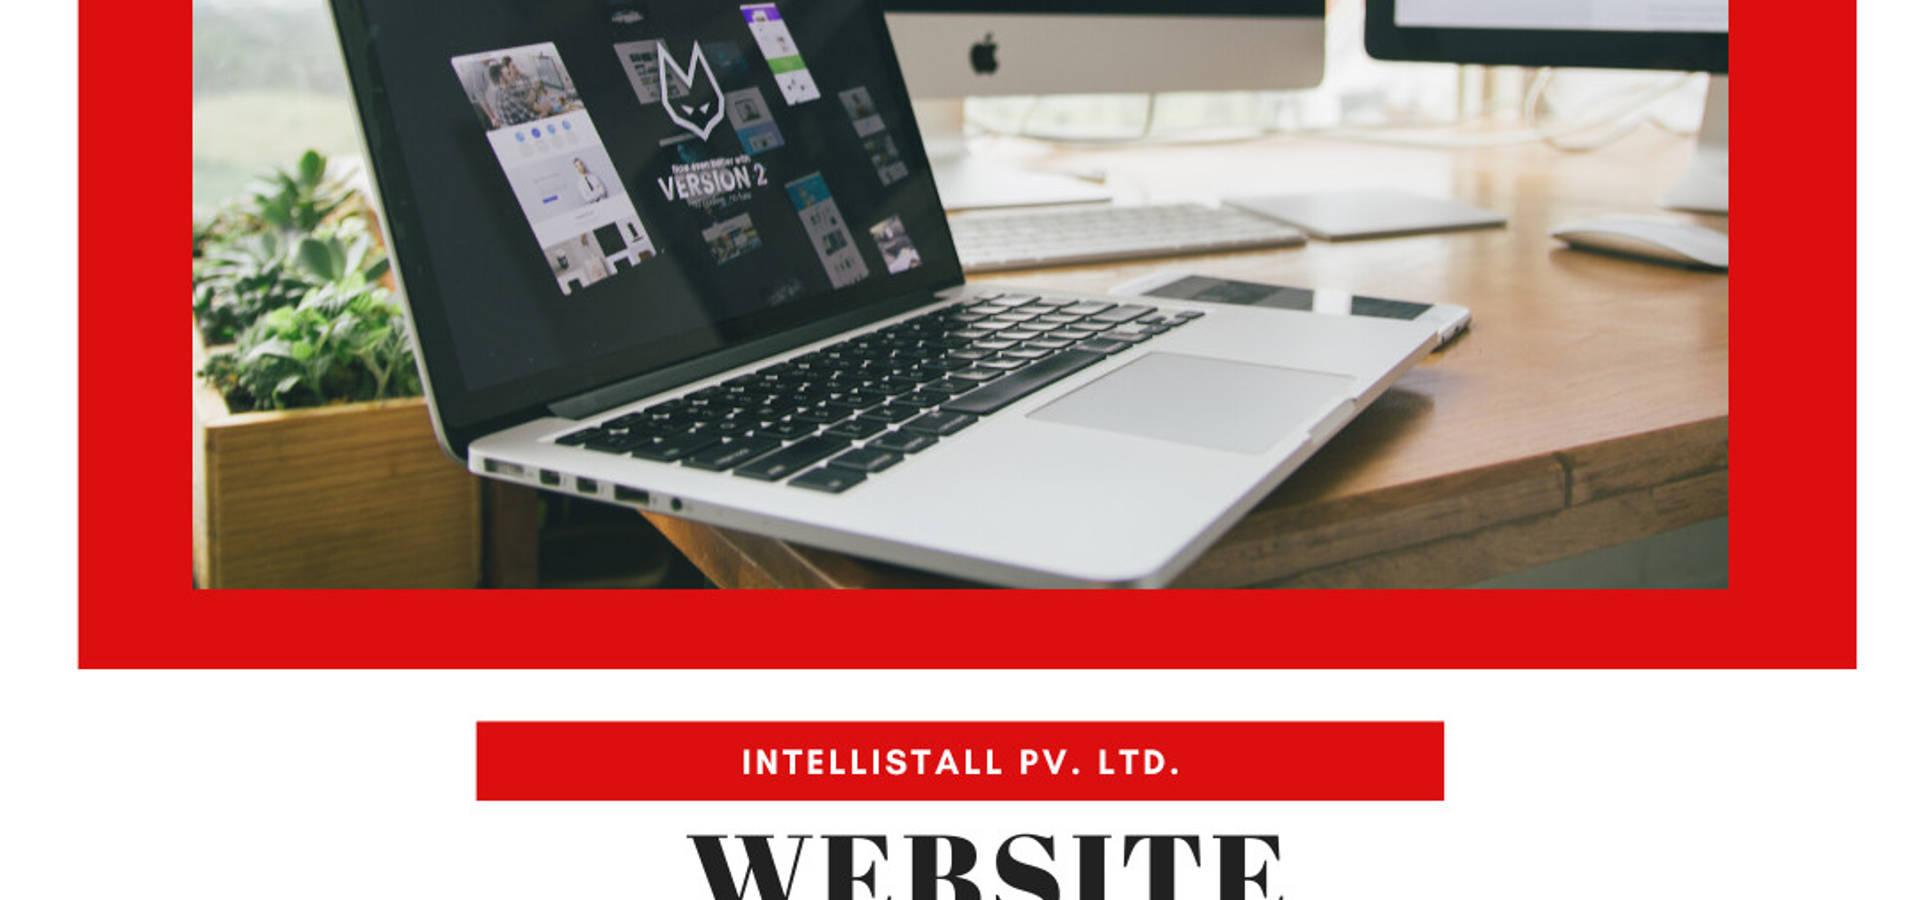 Intellistall Pvt Ltd